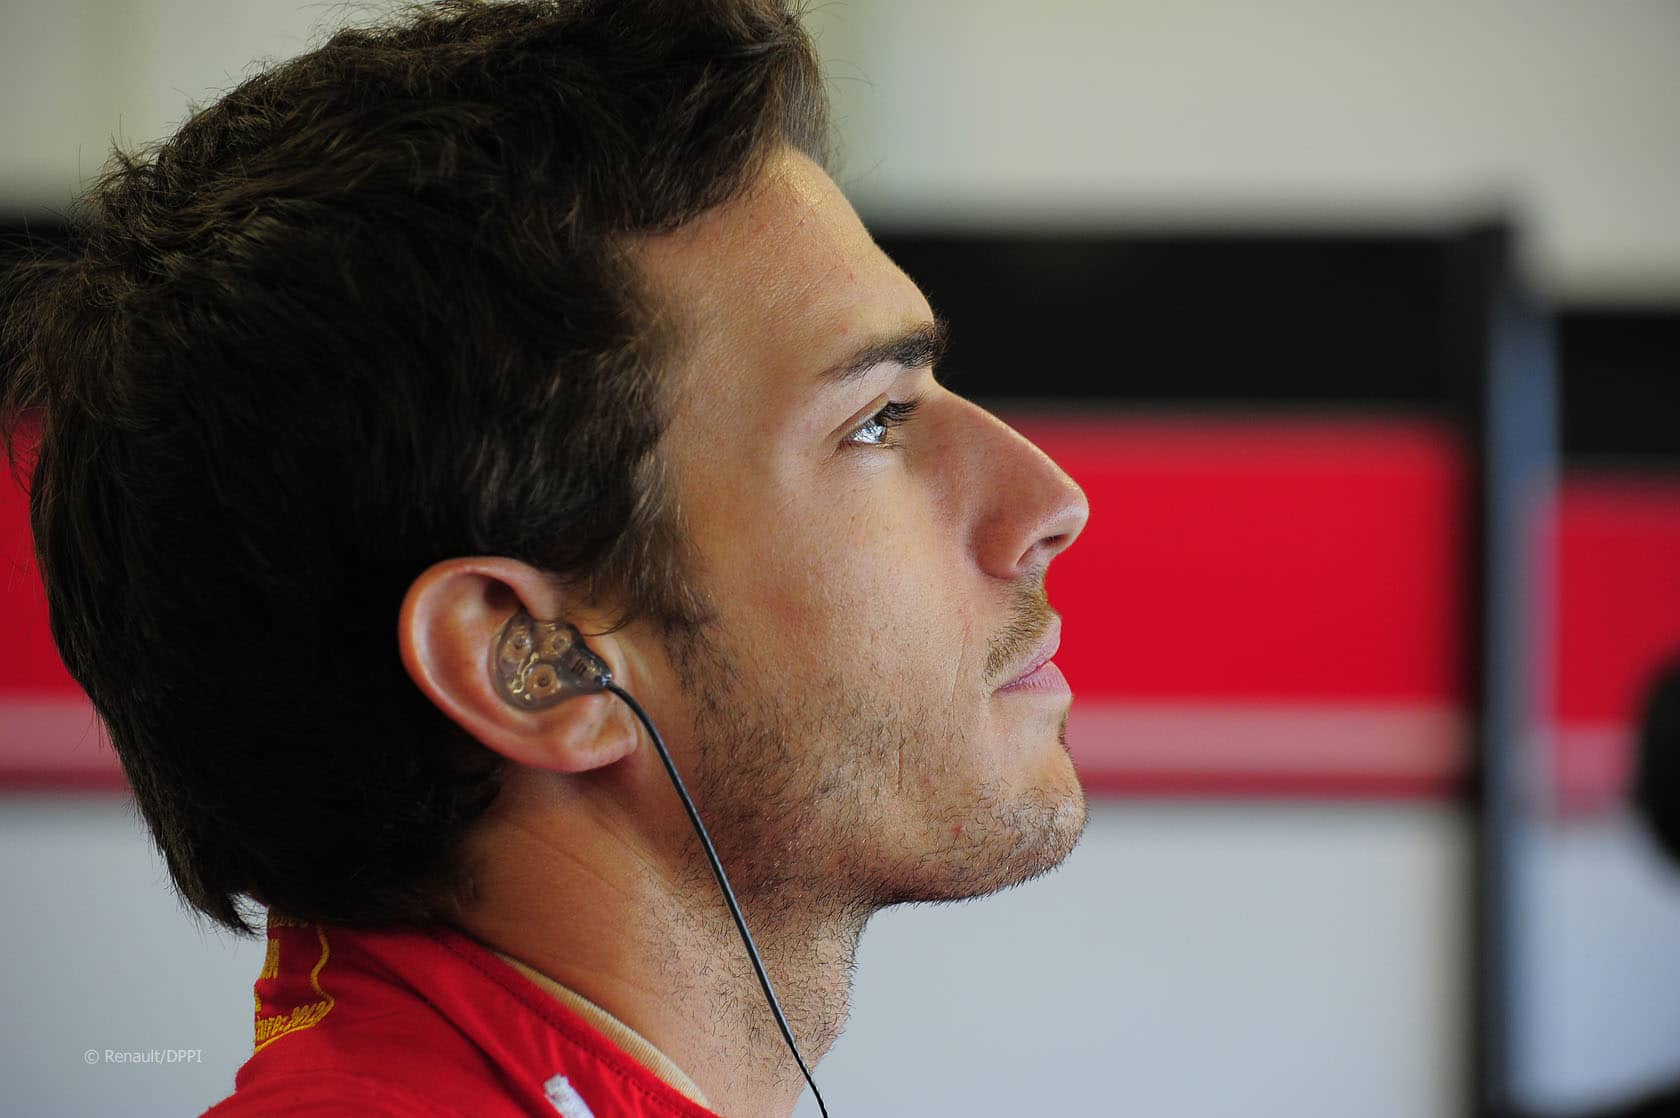 Jules-profil.jpg